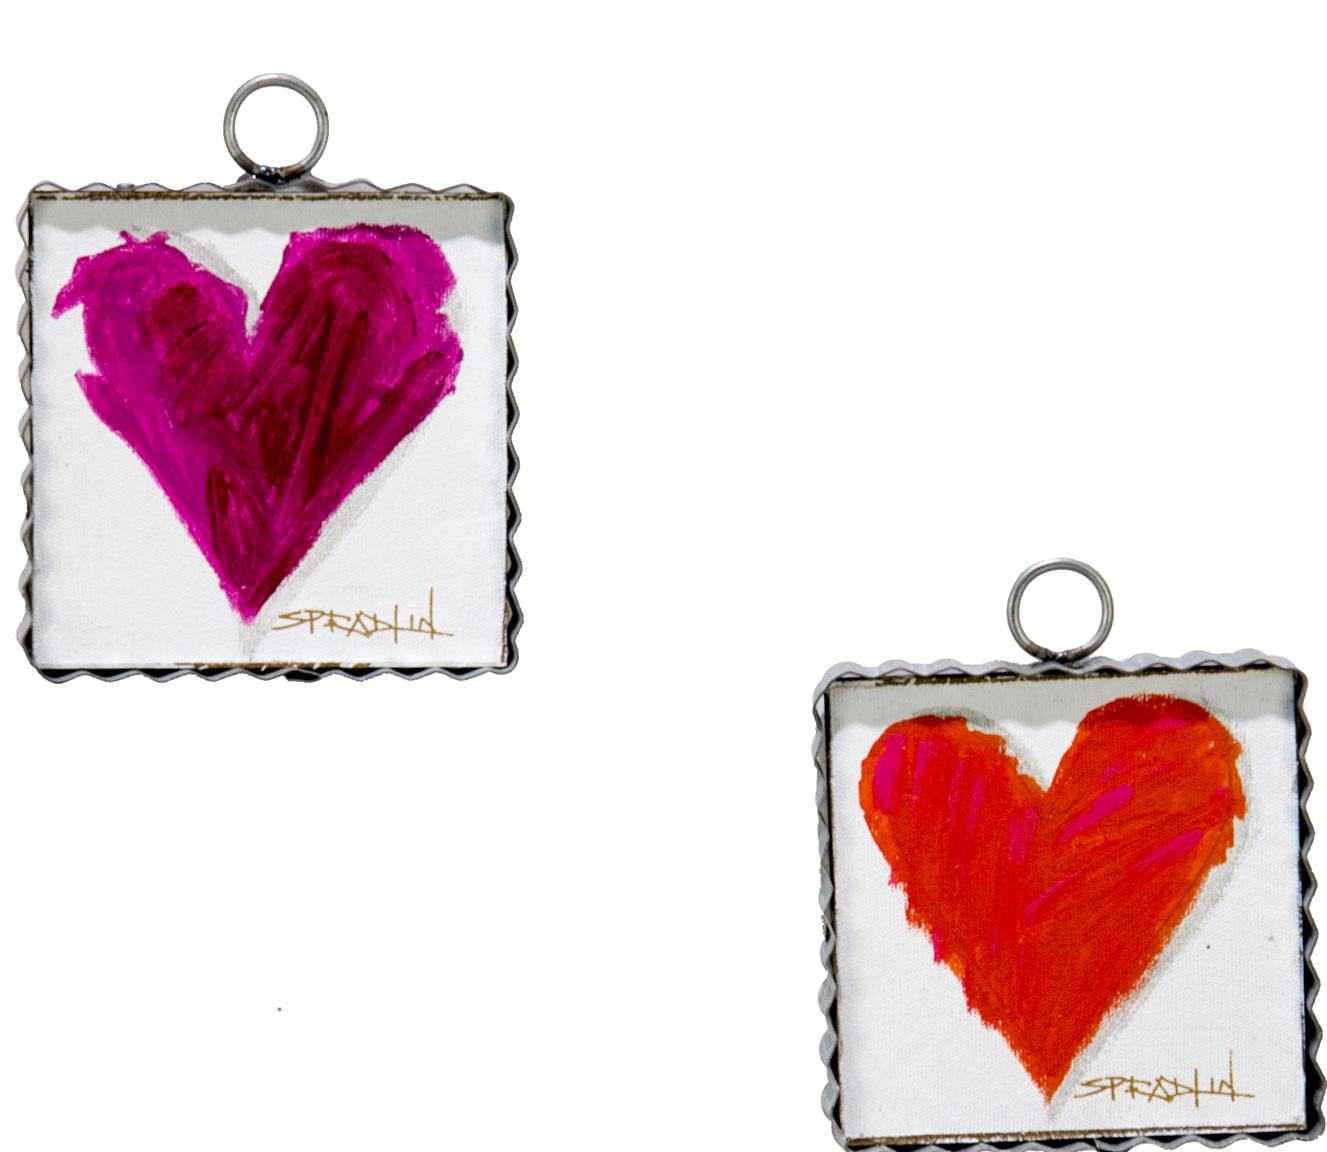 Gallery Hearts